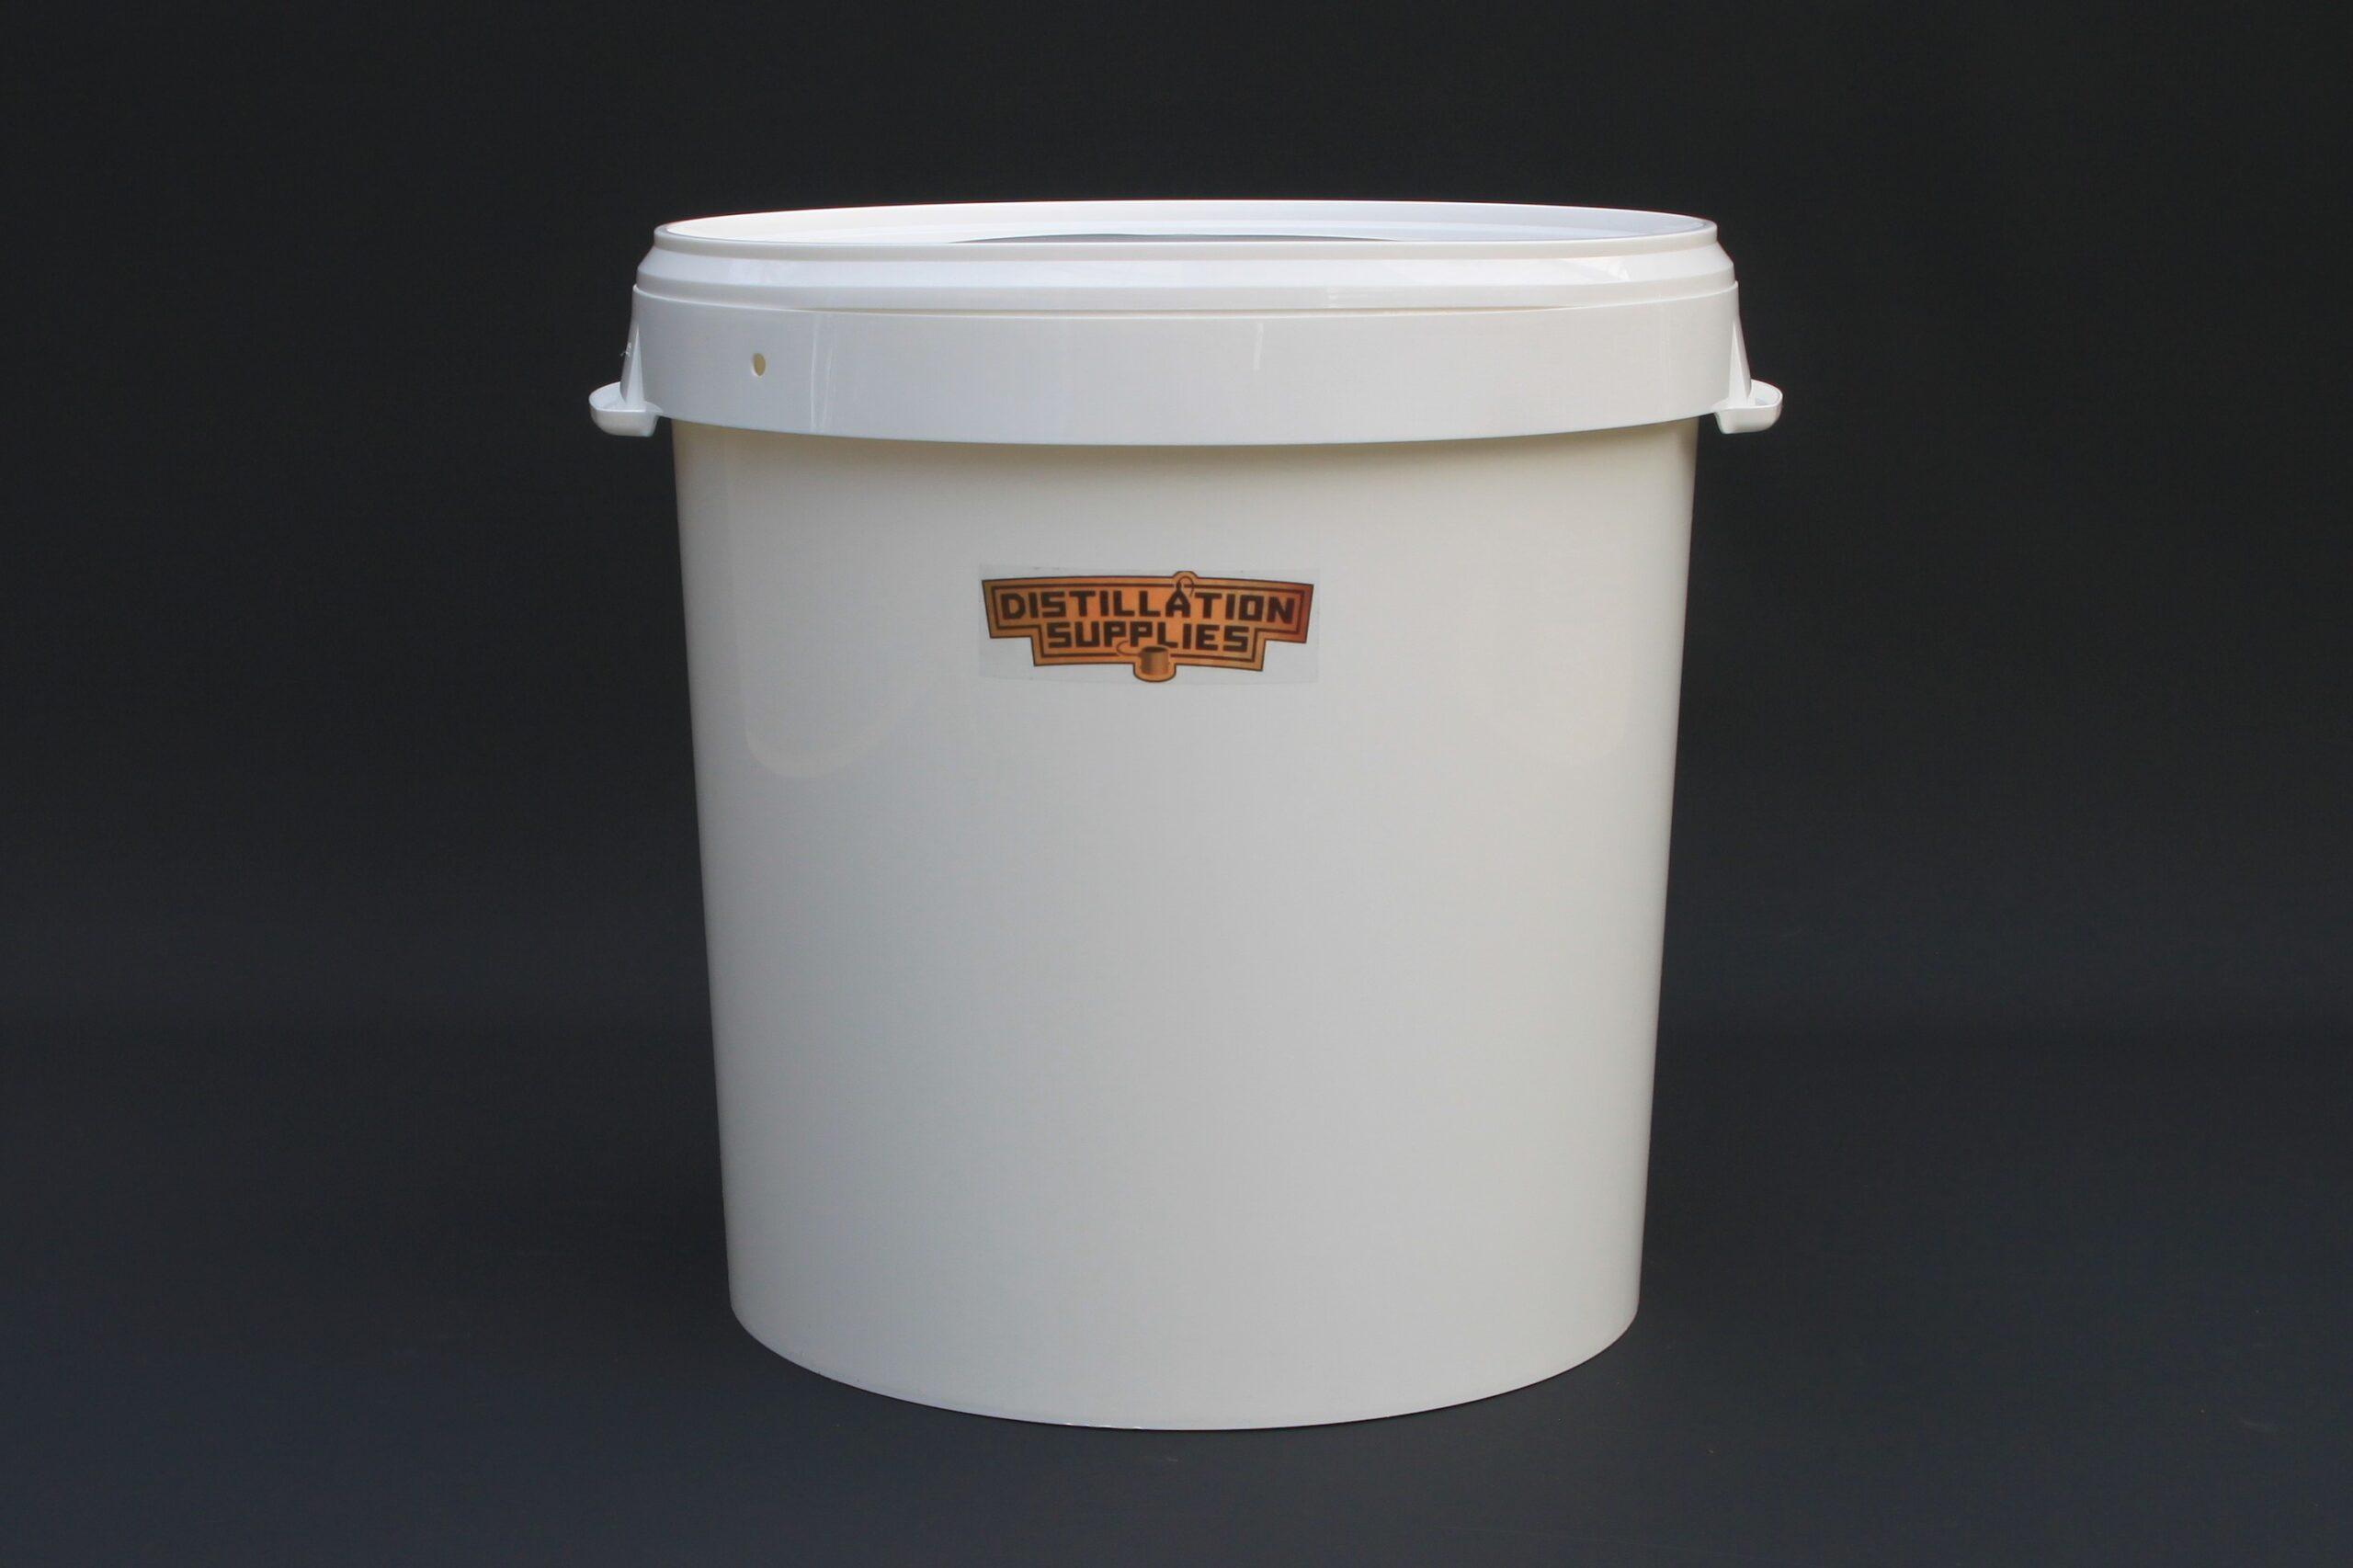 Vergistingsvat voor stookwijn